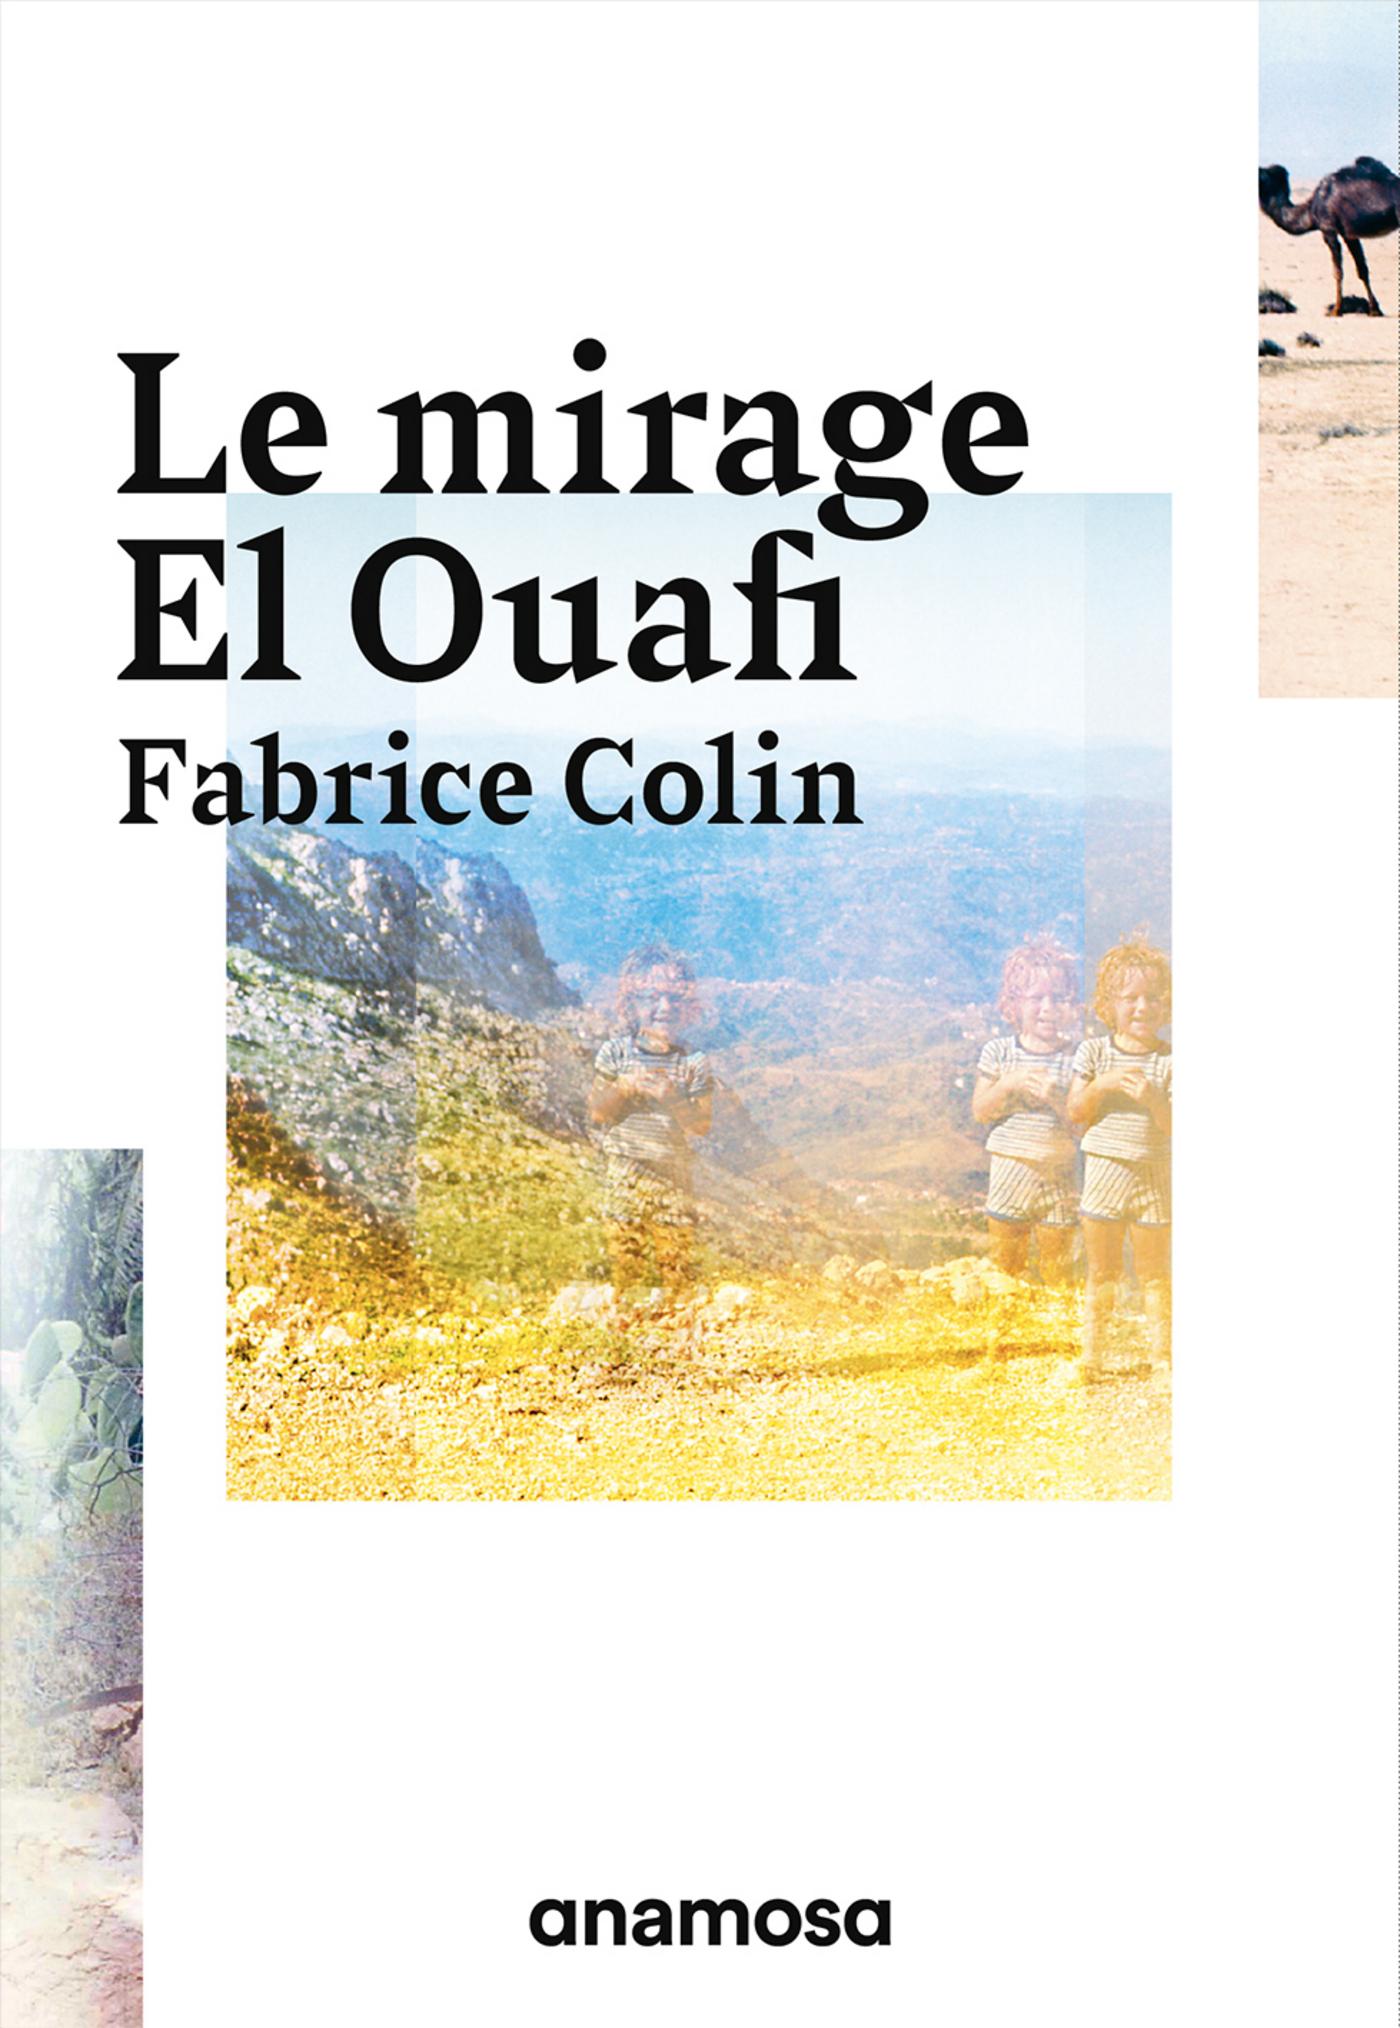 Le mirage El Ouafi